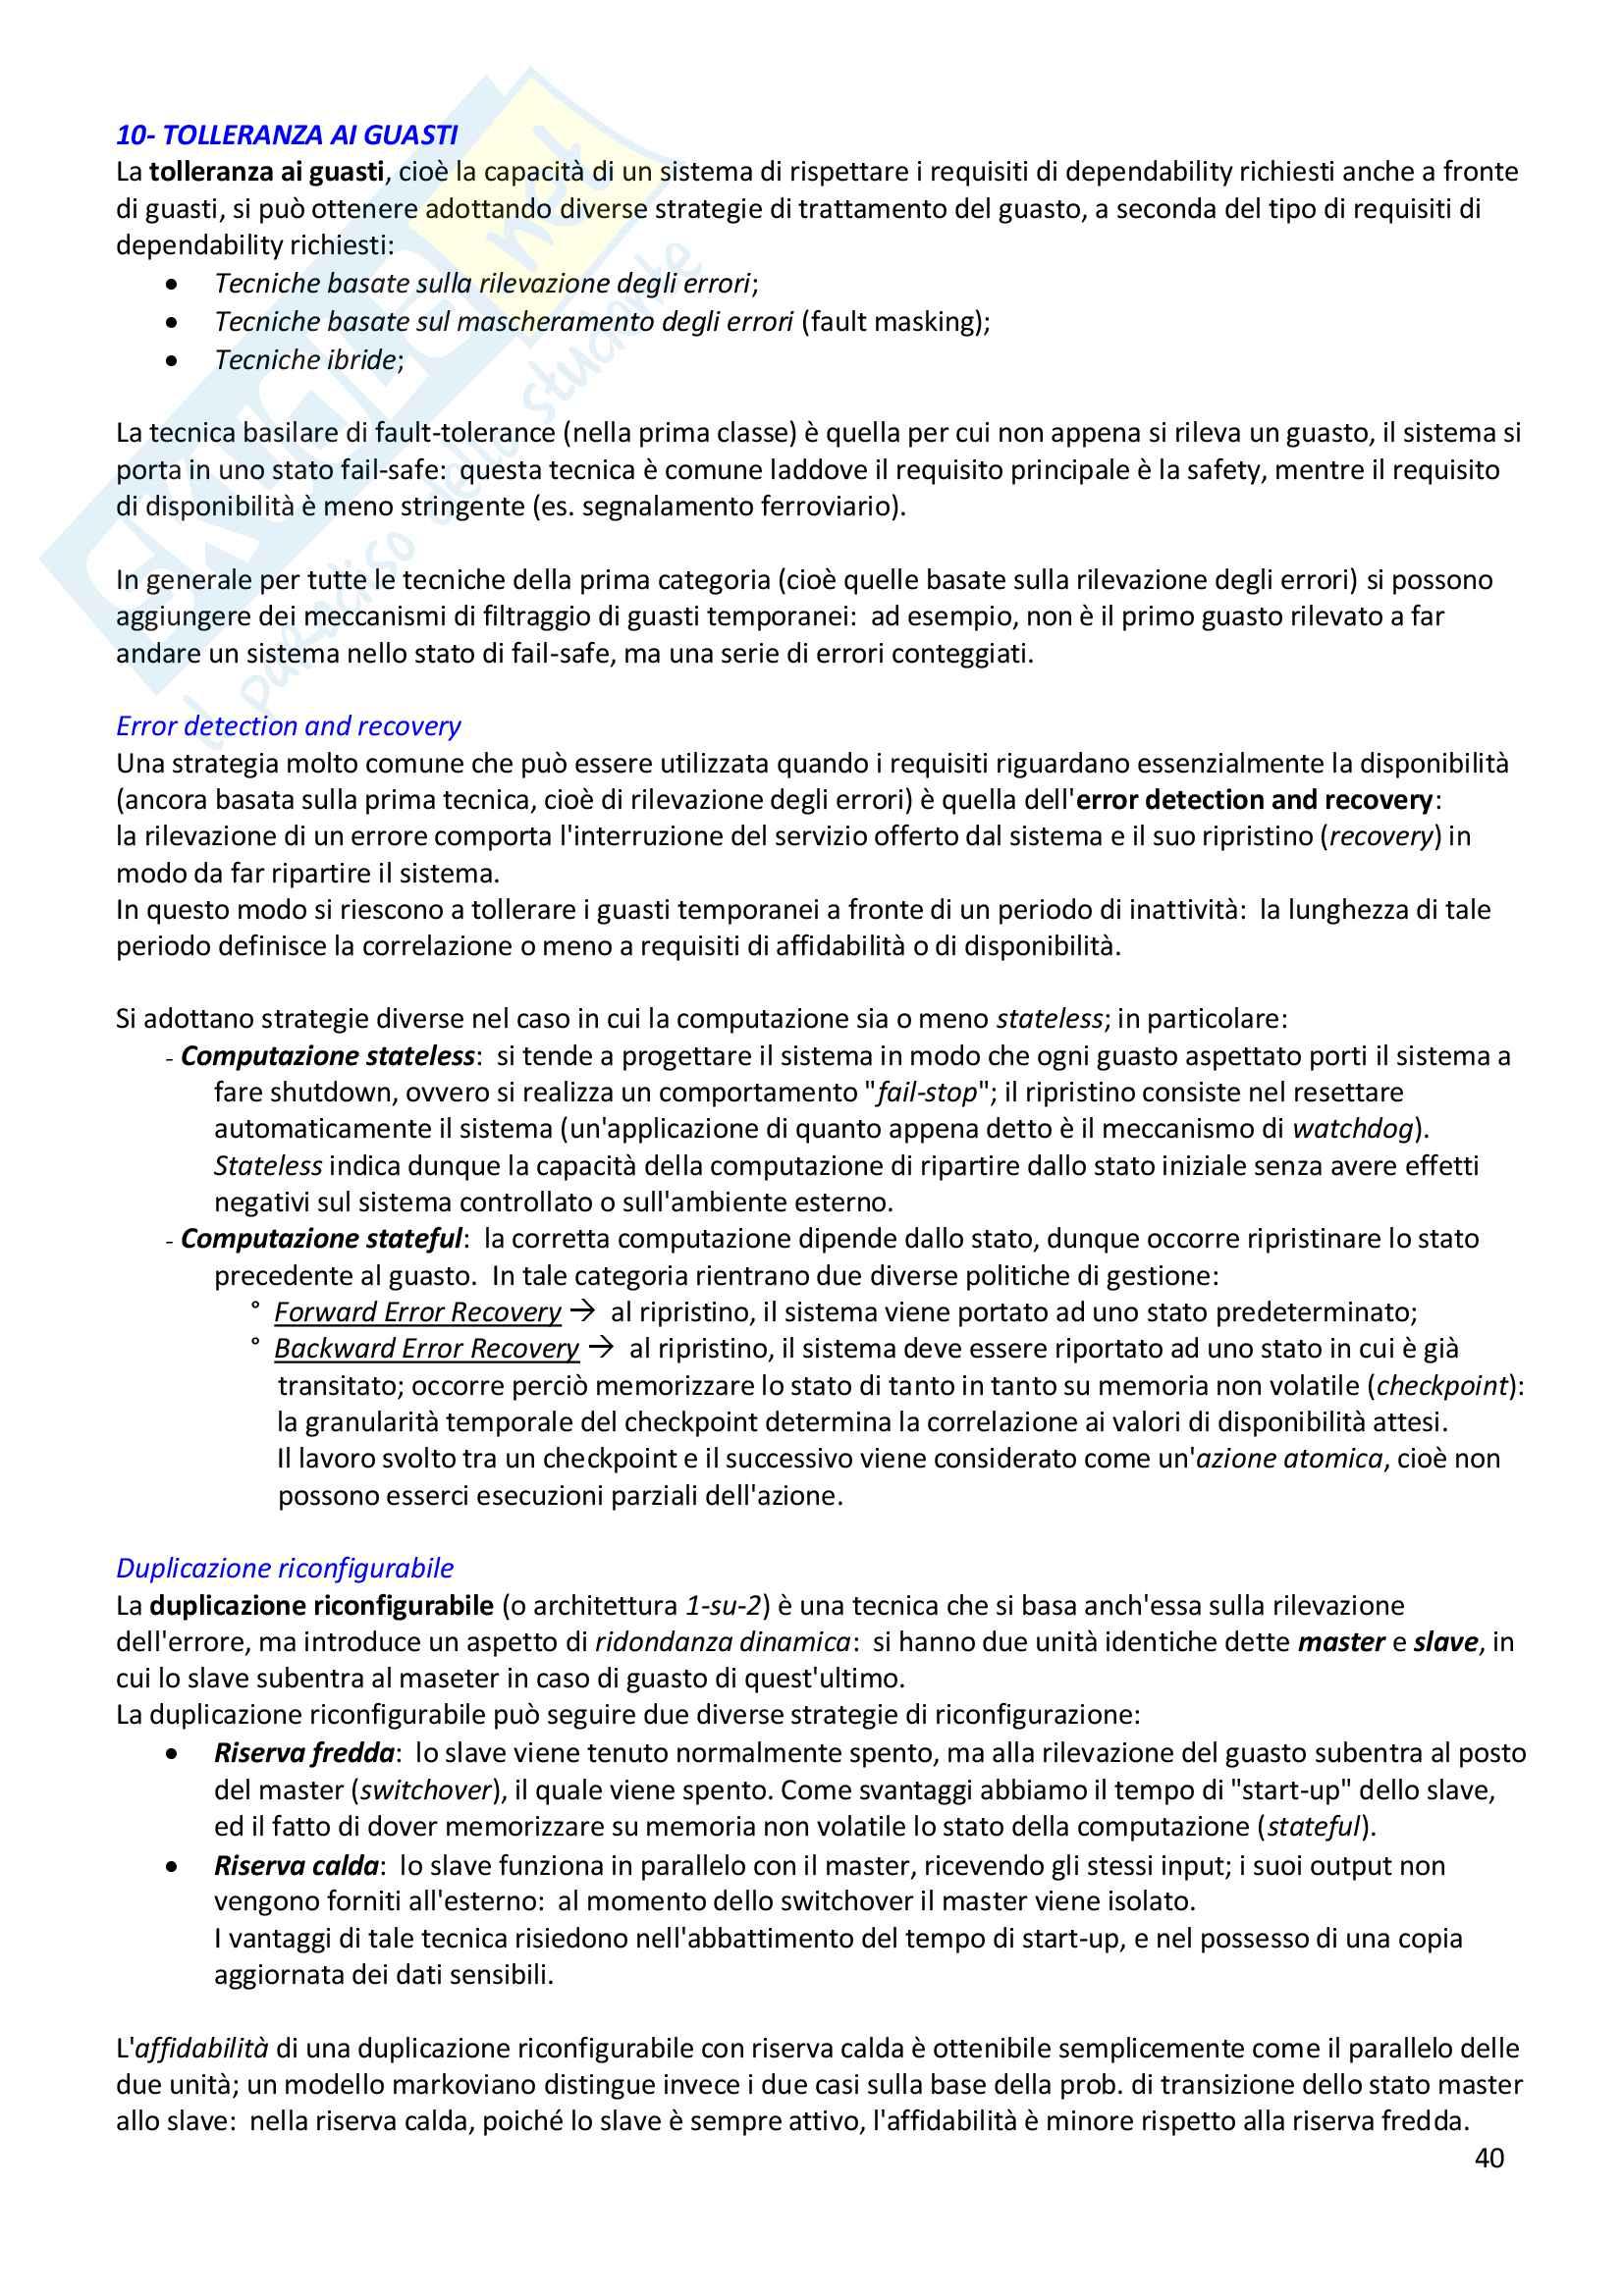 Riassunto Informatica industriale Pag. 41